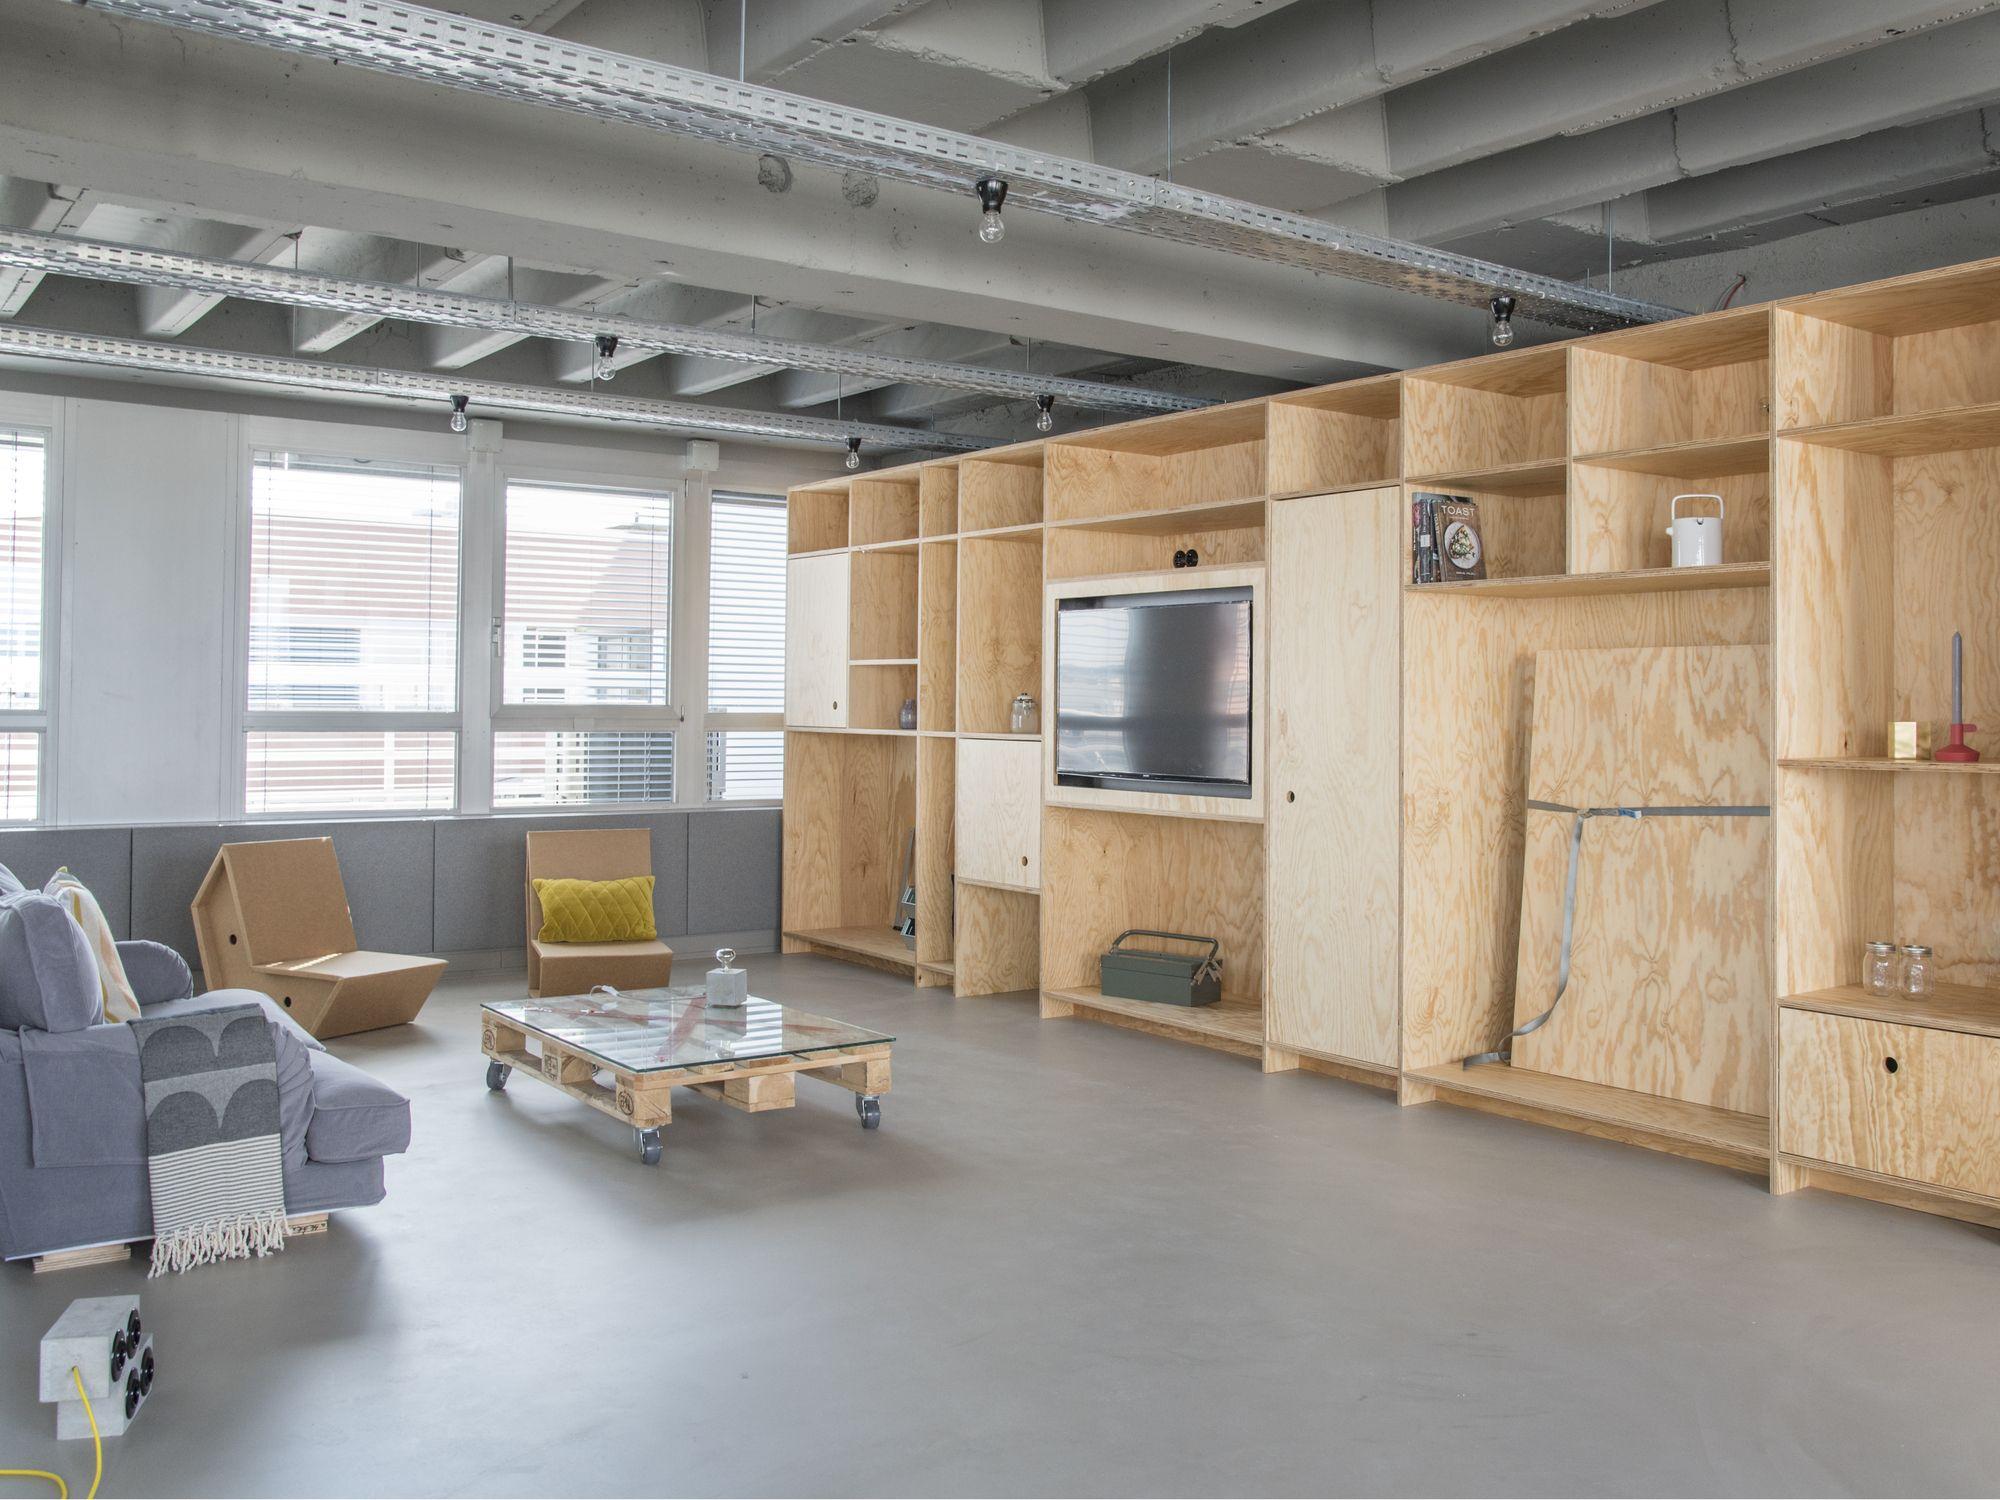 Gallery Of Outofoffice Frankfurt Von M 1 Interior Design